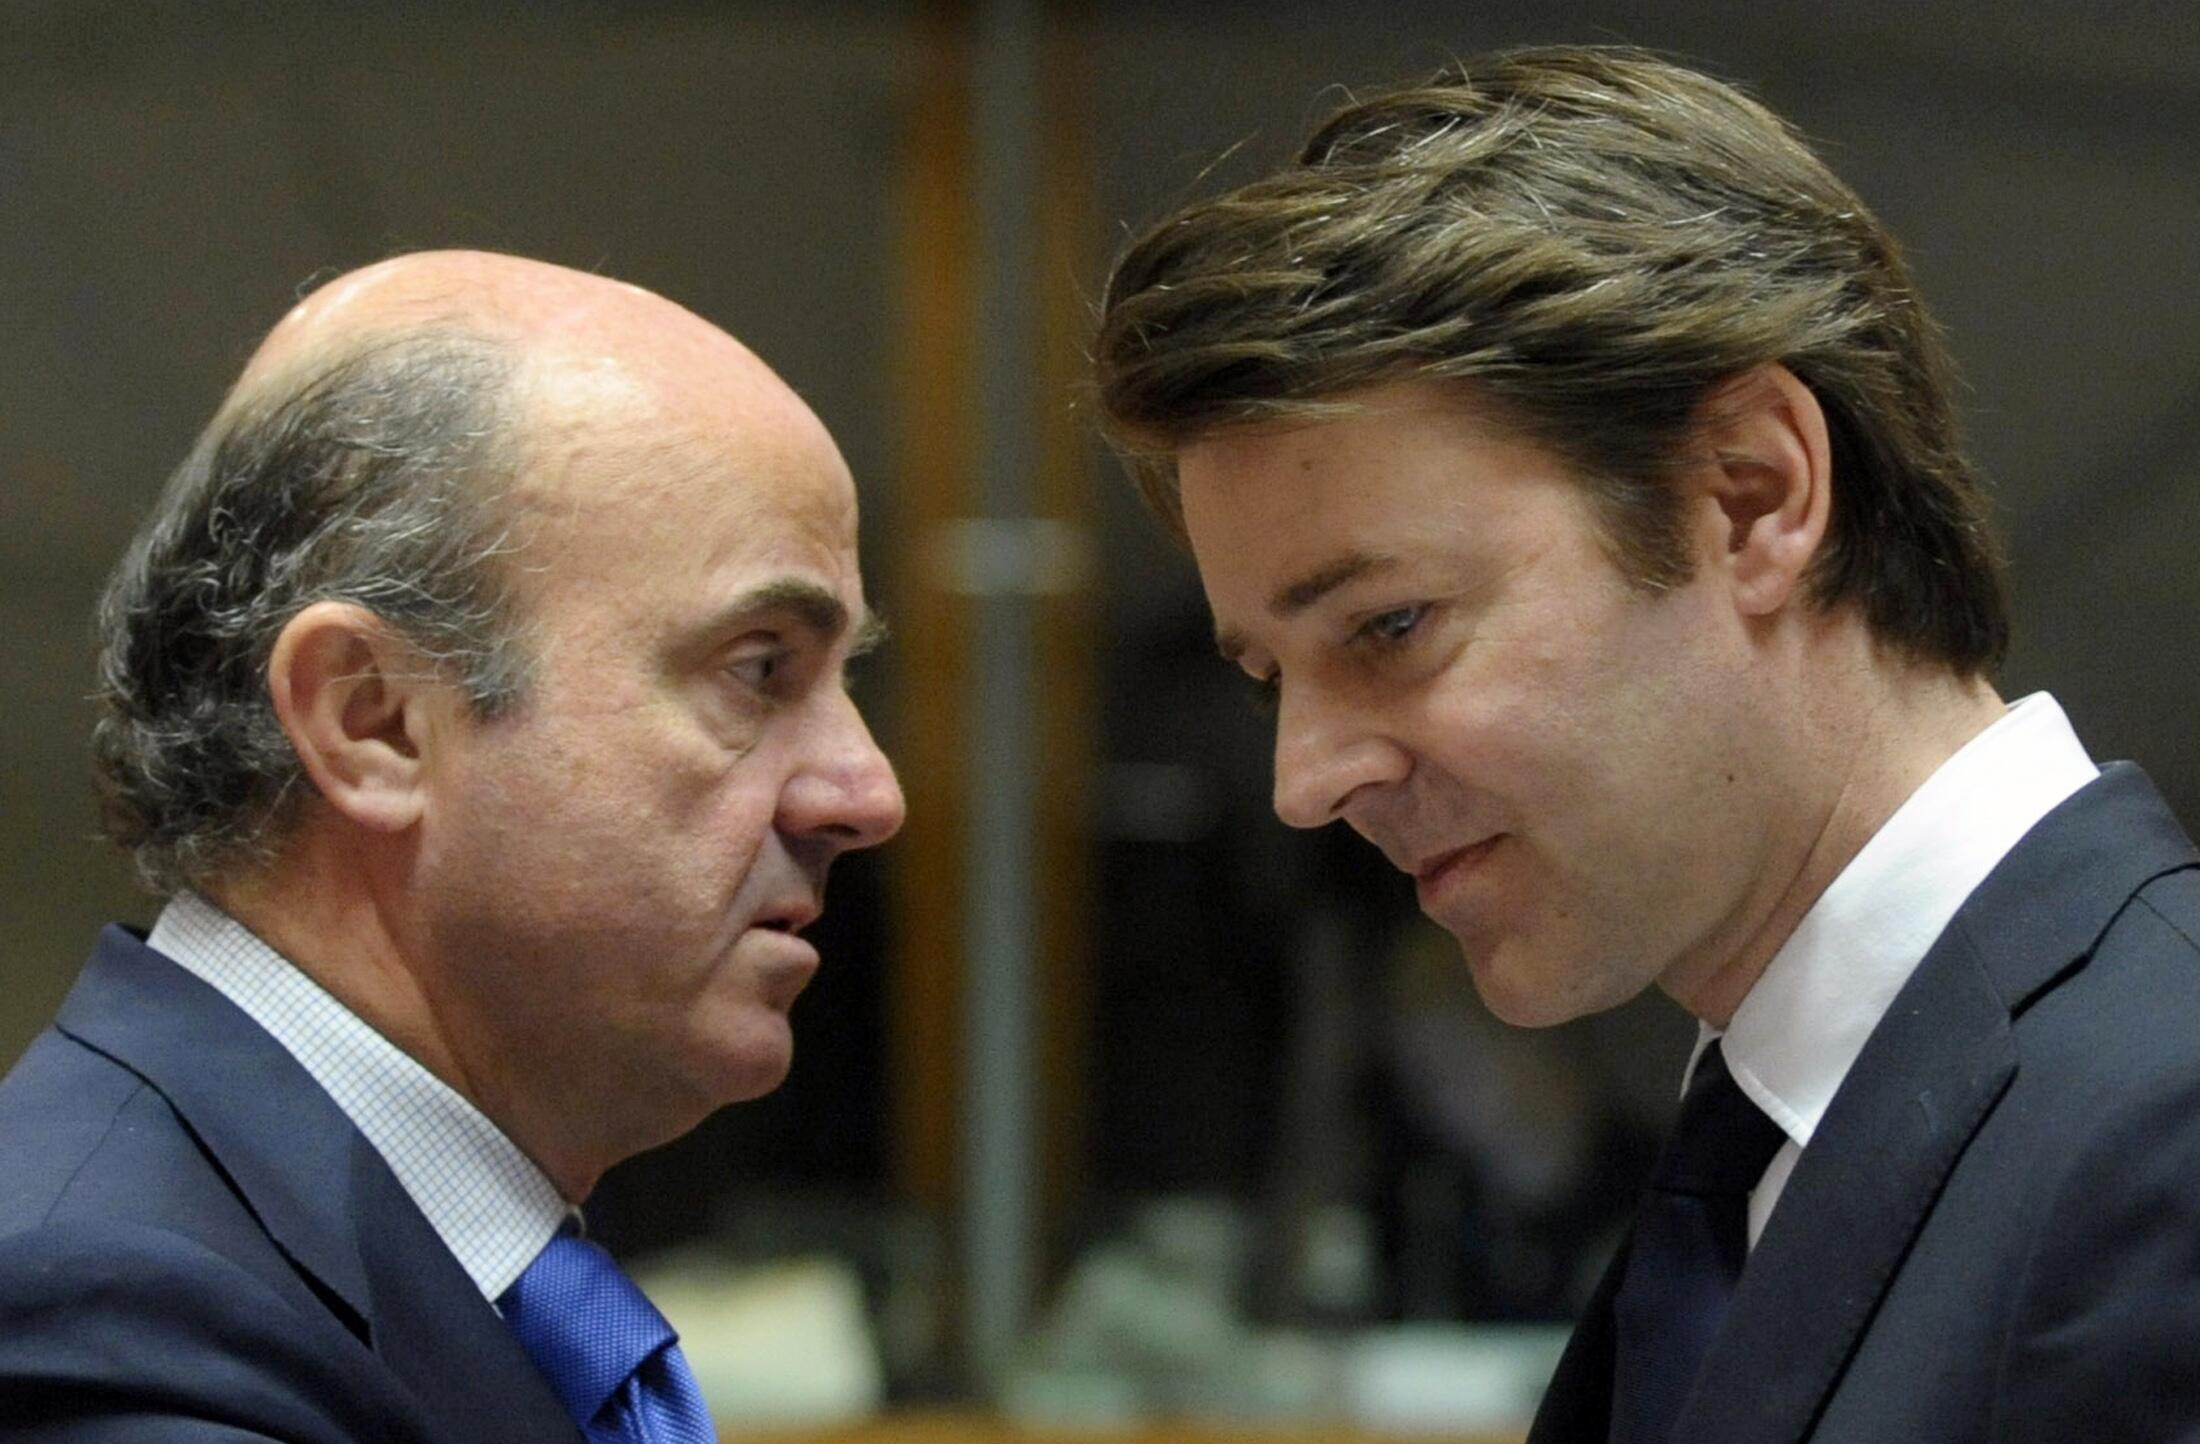 Министр финансов Испании Луис де Гиндос со своим французским коллегой Франсуа Баруэном на заседании Еврогруппы в Брюсселе 13/03/2012